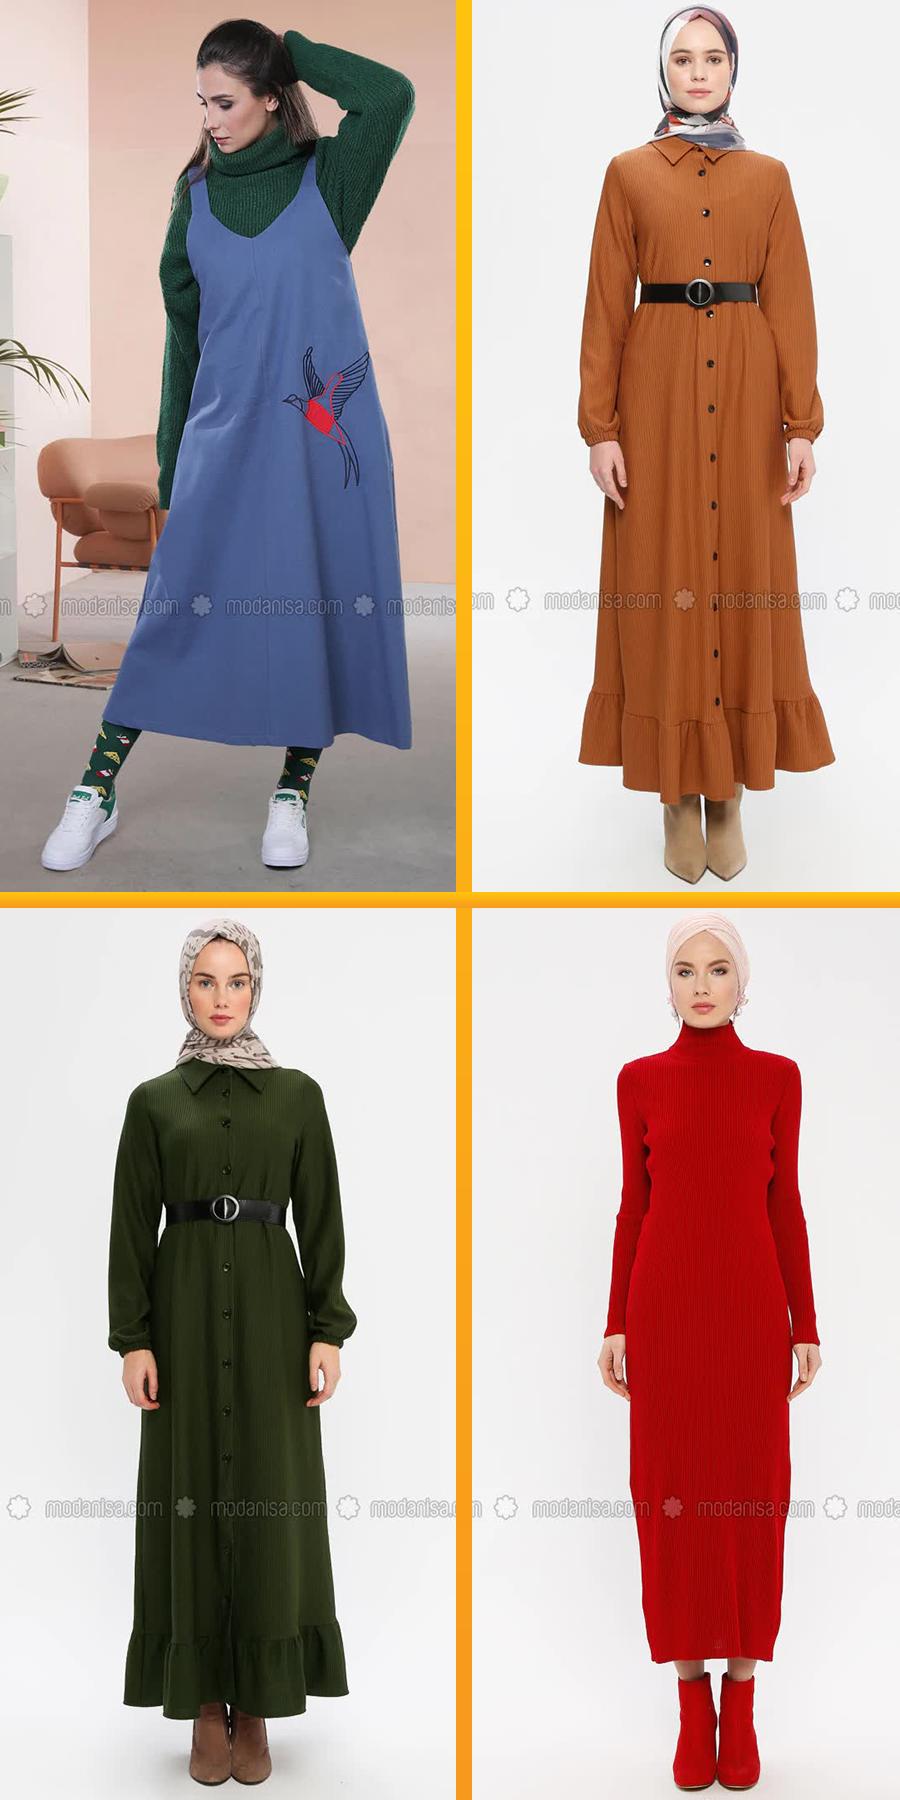 Modanisa 2020 Ilkbahar Yaz Tesettur Elbise Modelleri 3 2020 Elbise Modelleri Elbise Moda Stilleri